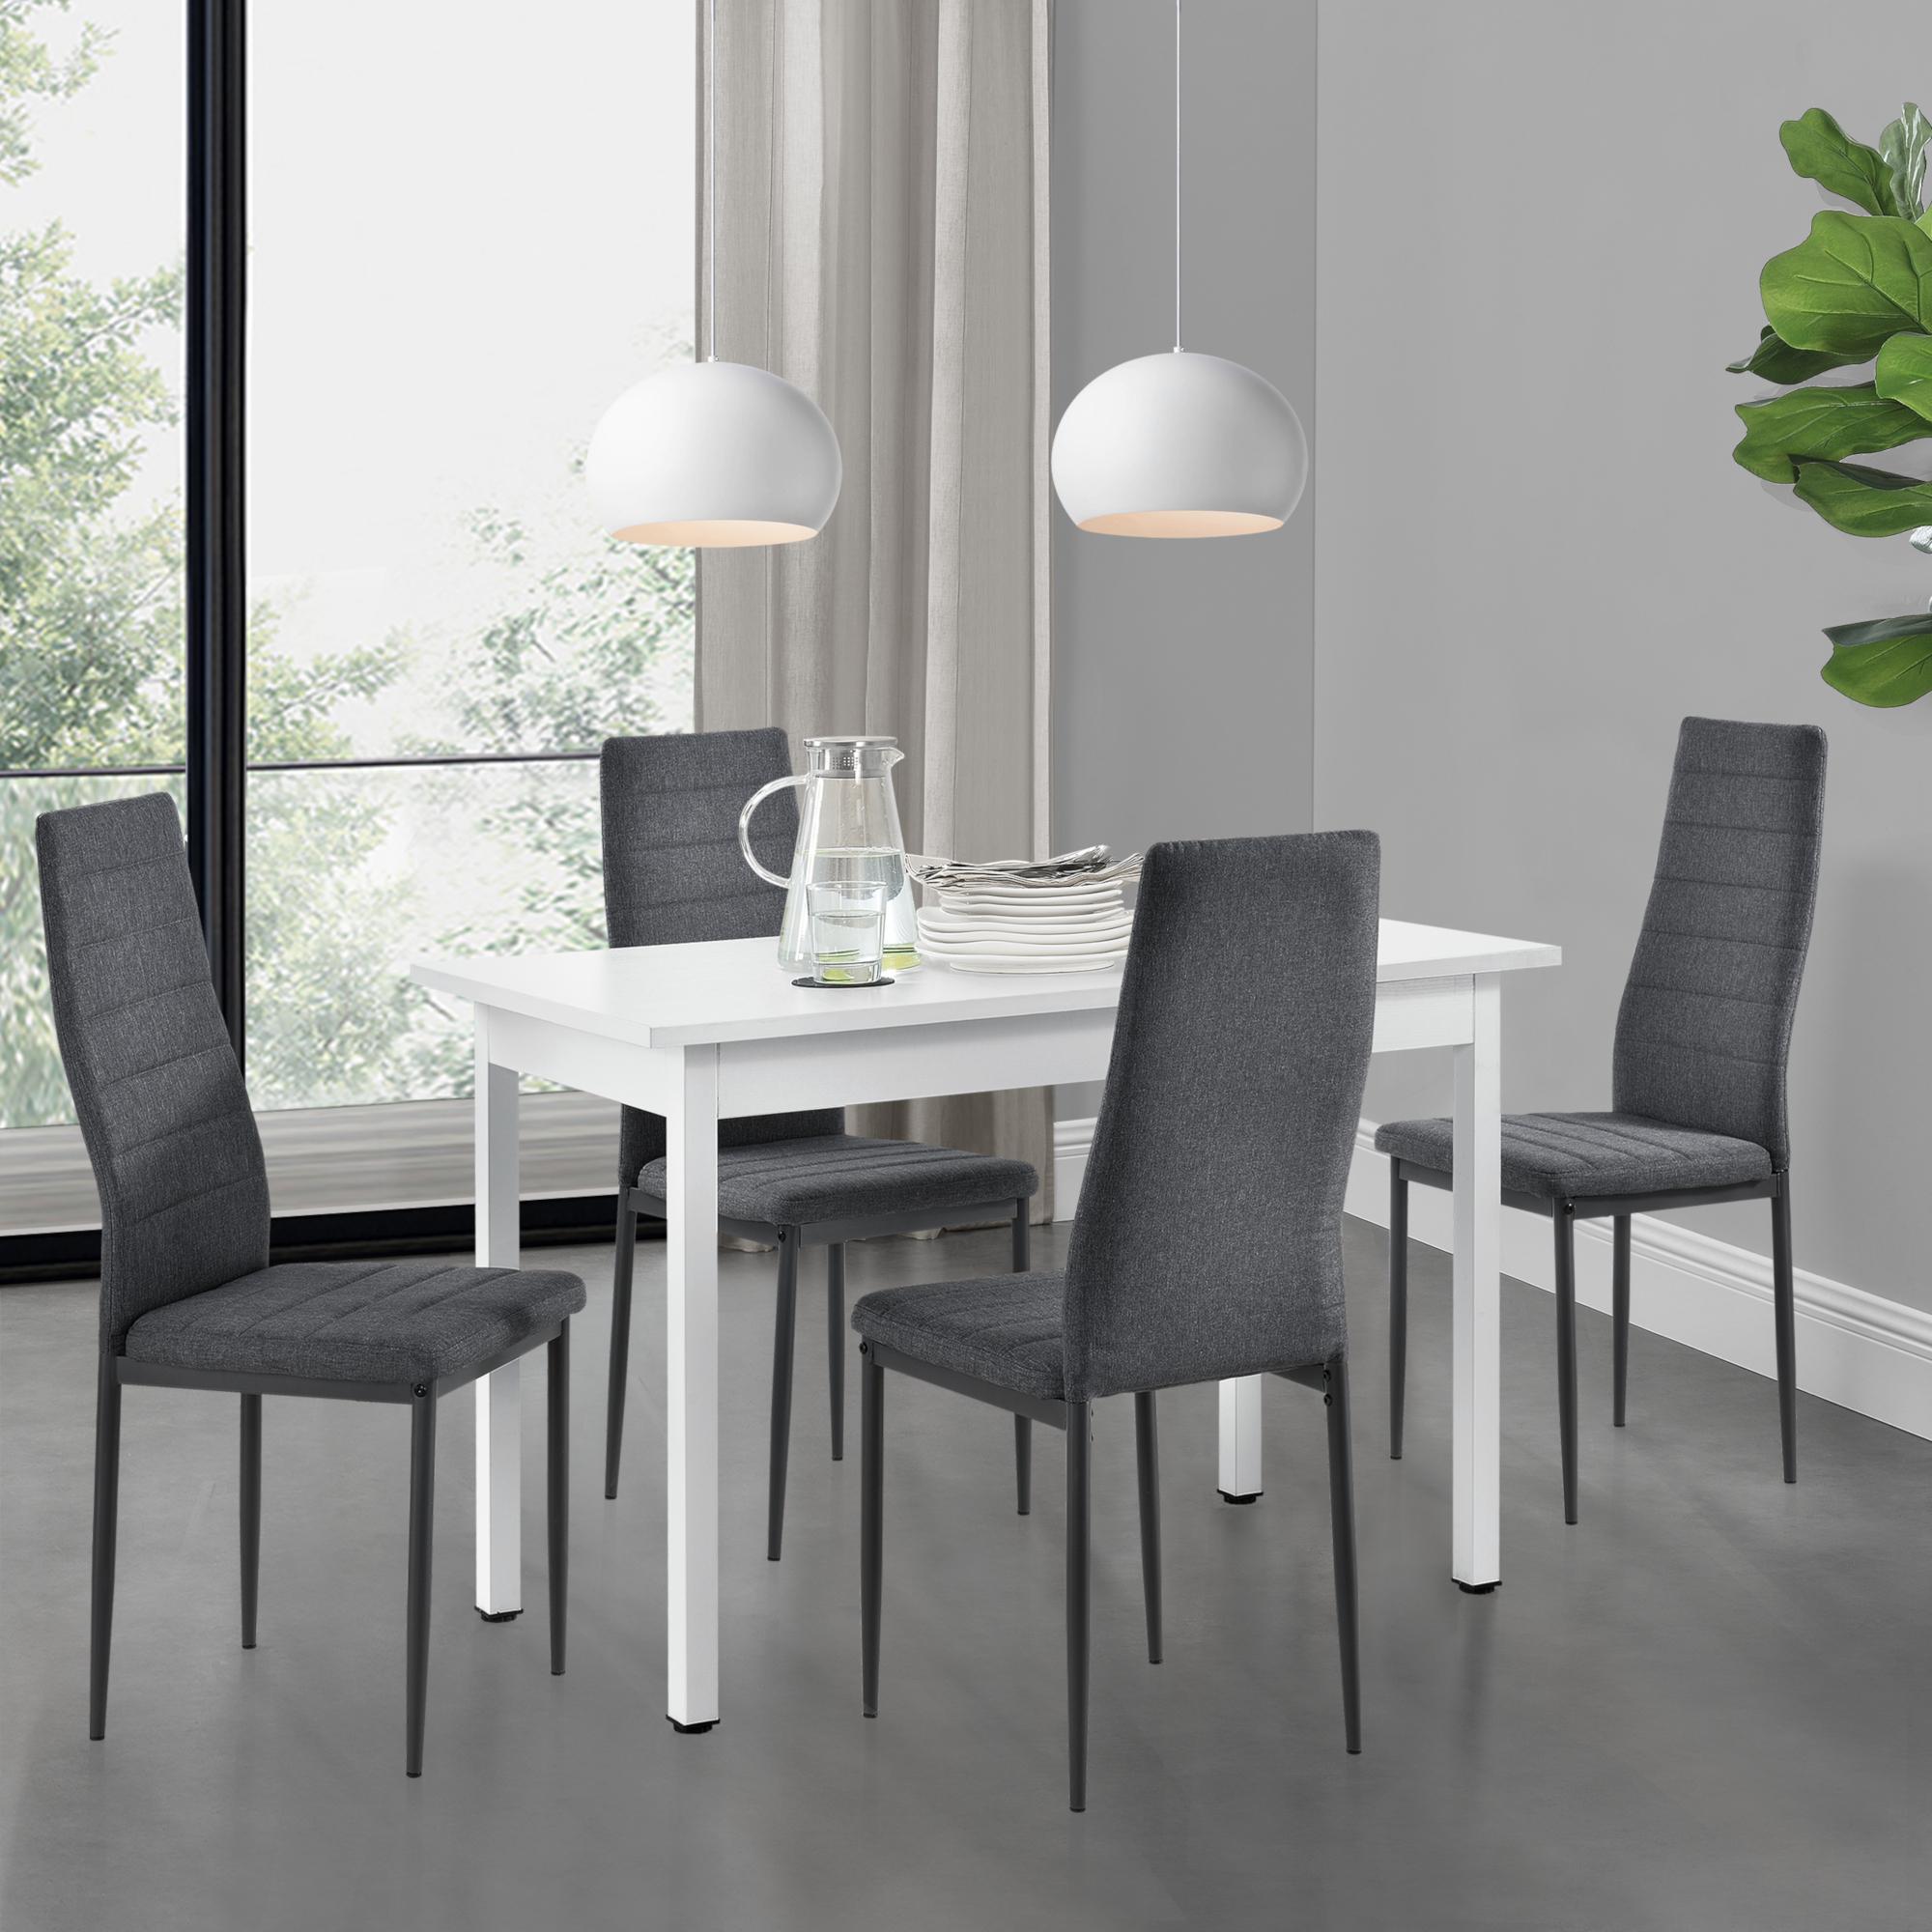 Esstisch 4 Stühle grau//schwarz 120x60cm Küchentisch Esszimmertisch